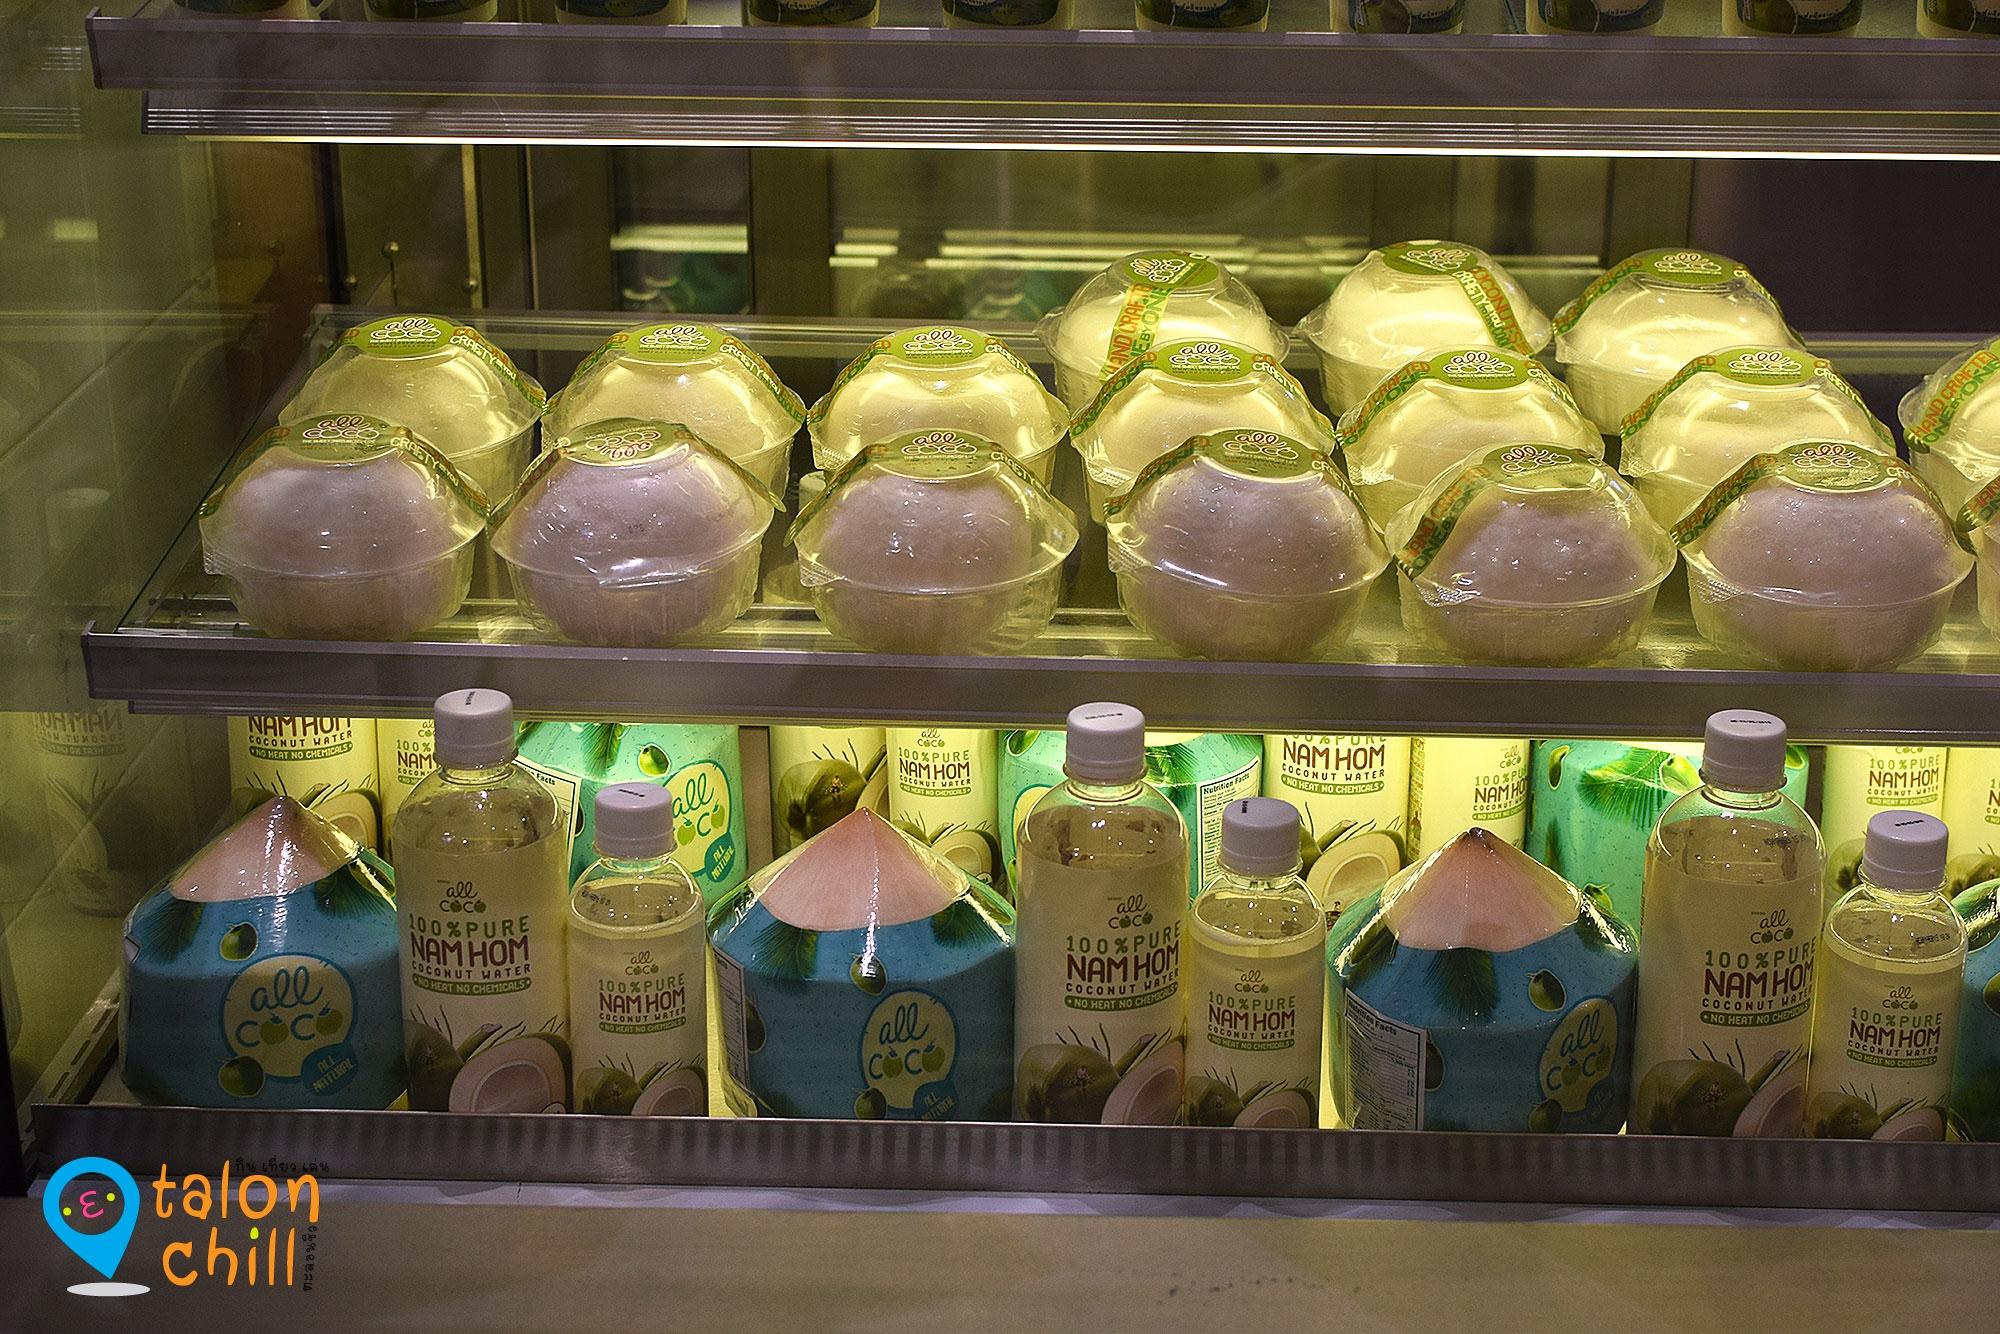 [ตะลอนกินในห้าง] All coco toast ณ ร้าน All Coco (ออล โคโค่) @เซ็นทรัลพลาซา ปิ่นเกล้า